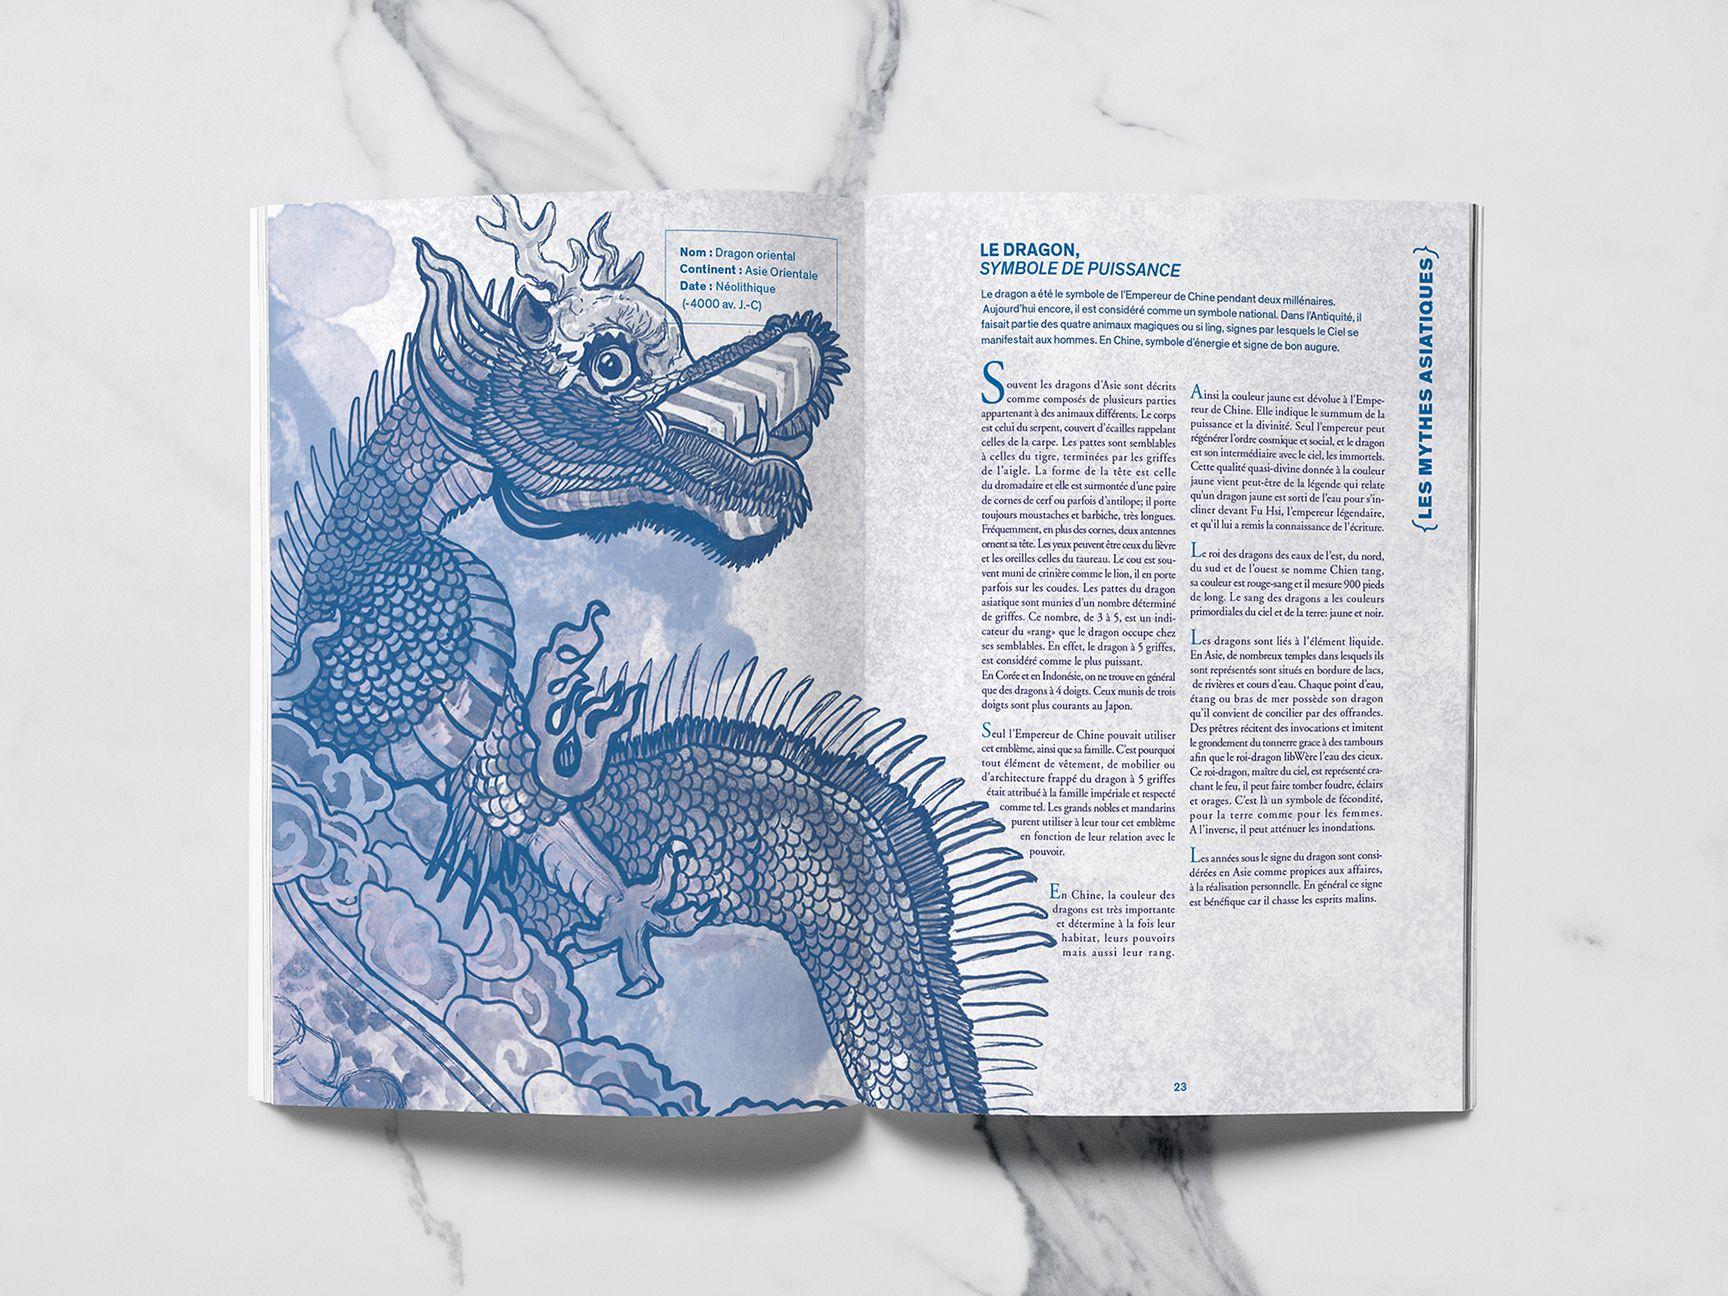 Dragon asiatique du recueil Mytho(zoo)logie